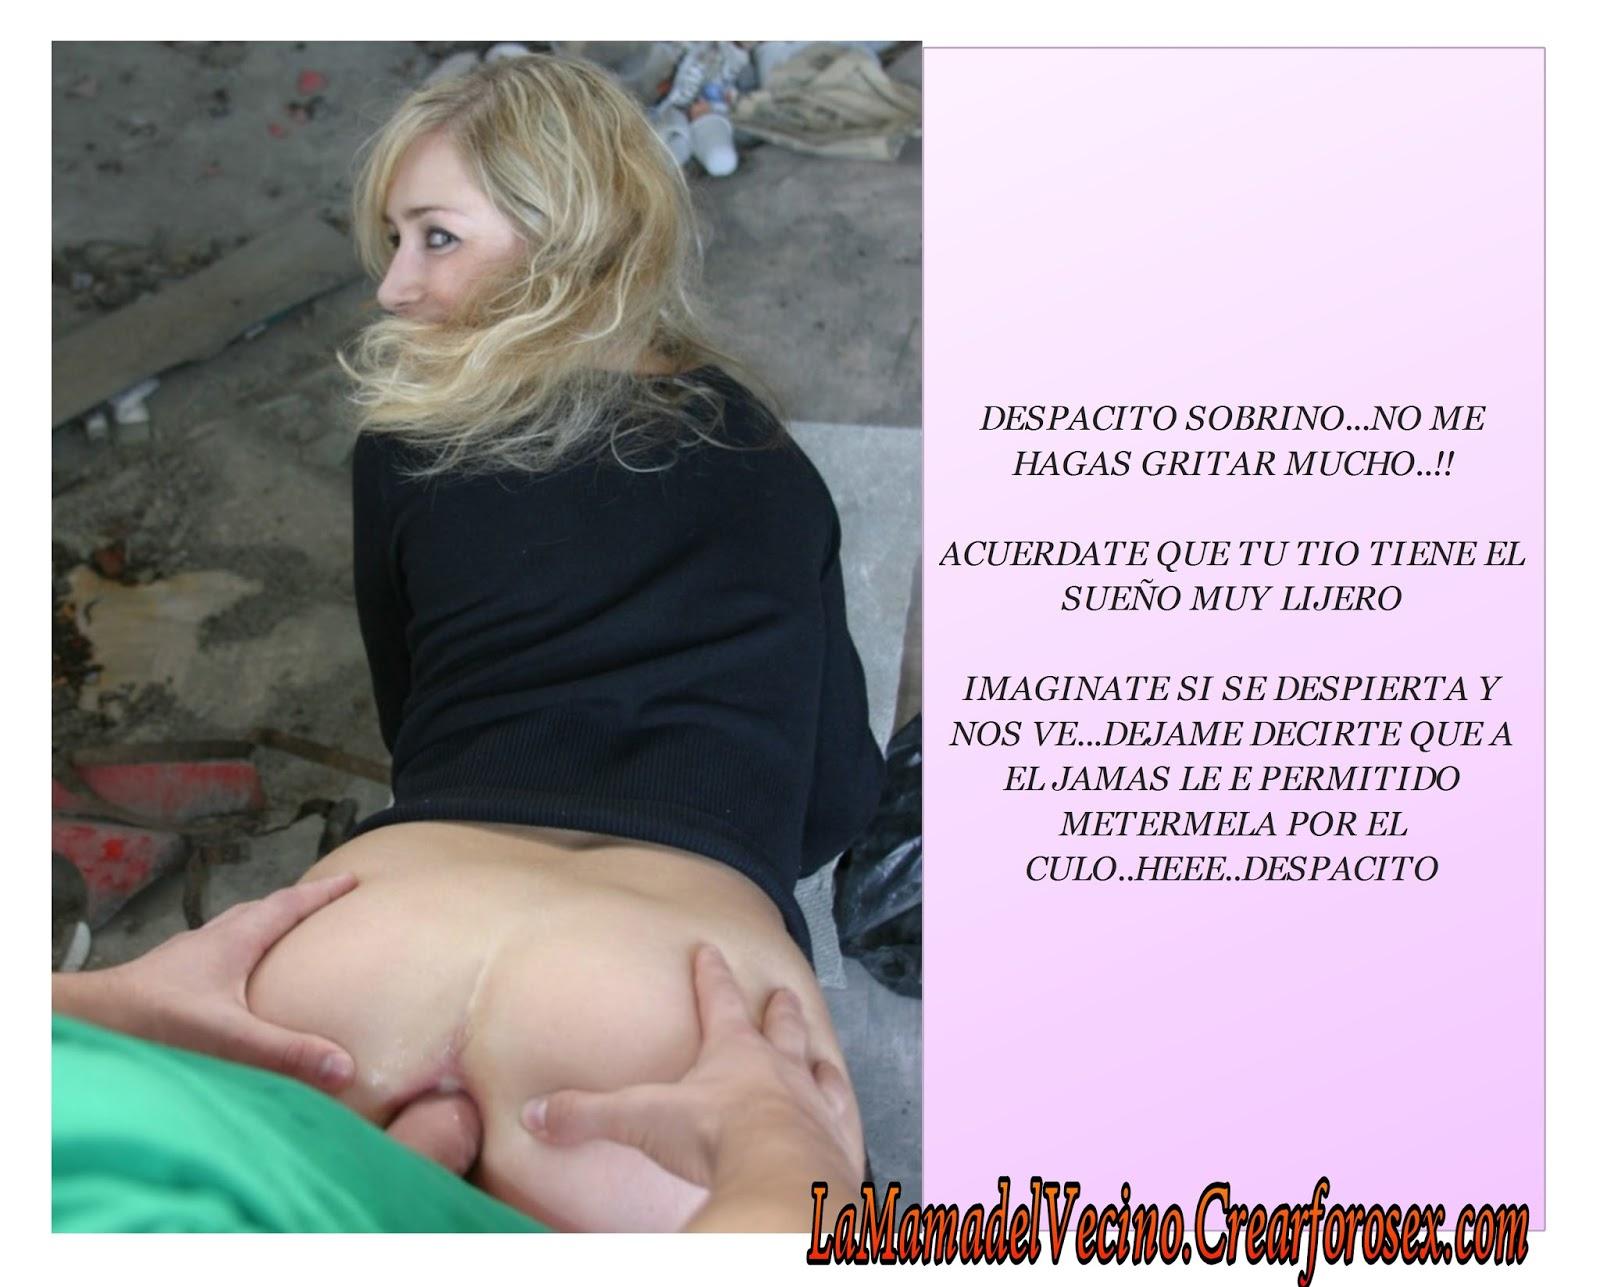 prostitutas maduras valencia prostitutas madres militares